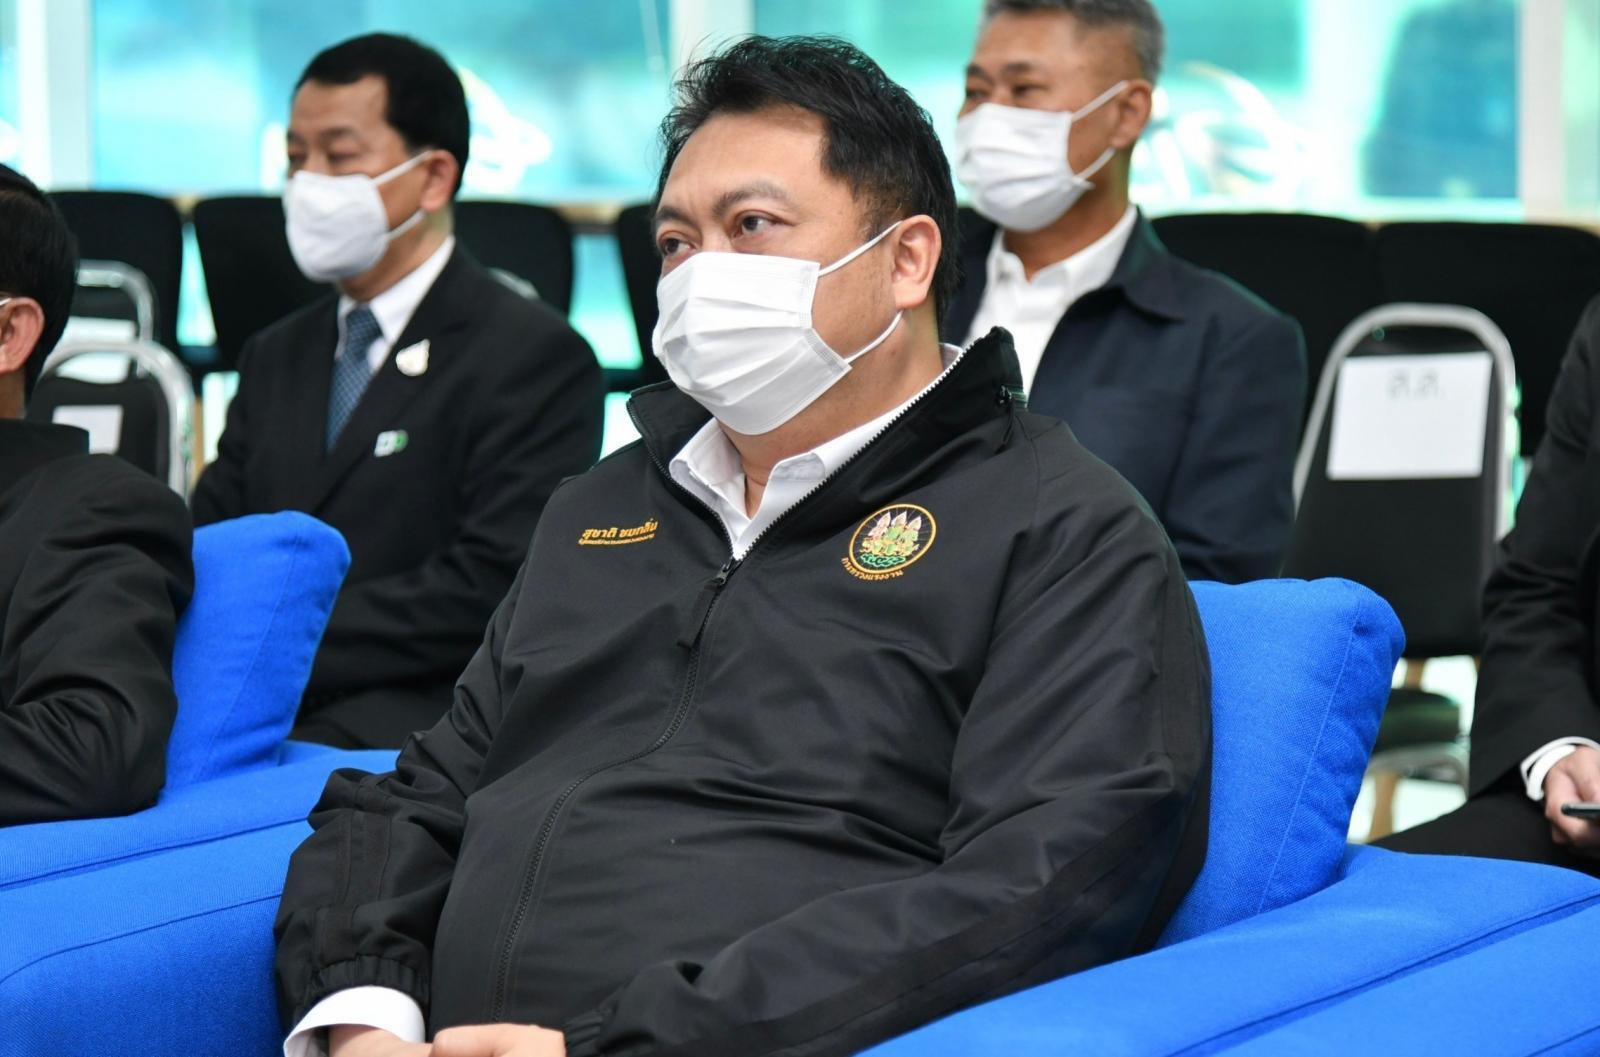 ว่างงานมีเฮ! รมต.เฮ้ง สั่งเตรียมแผนจ้างงานแรงงานไทย ทดแทนแรงงานต่างชาติ